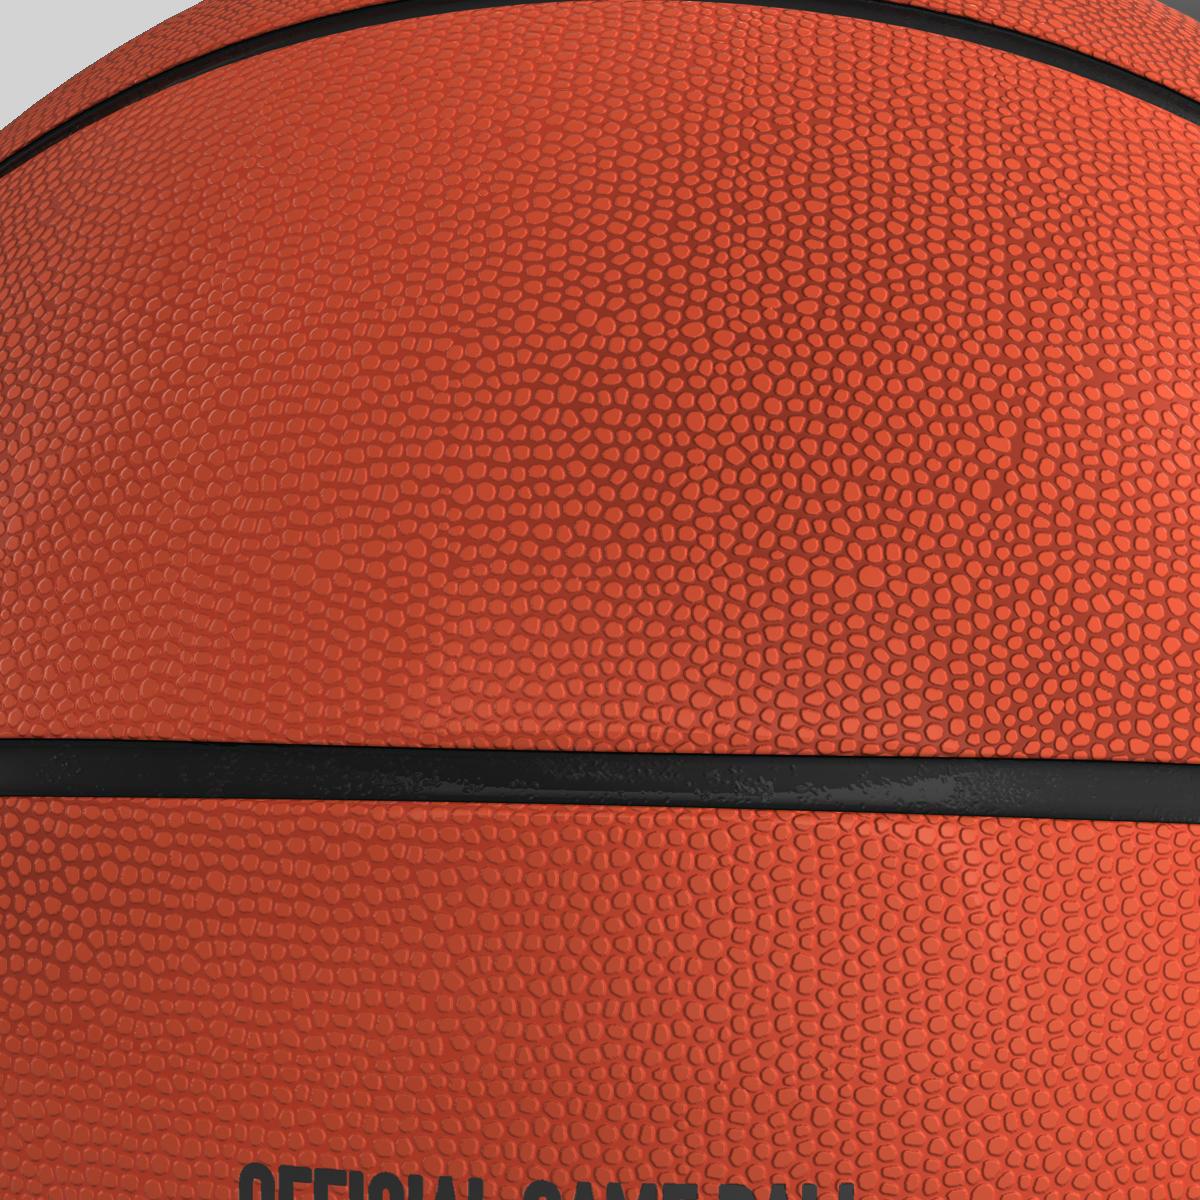 košarkaška lopta zvijezda narančasta 3d model 3ds max fbx c4d ma mb obj 165720